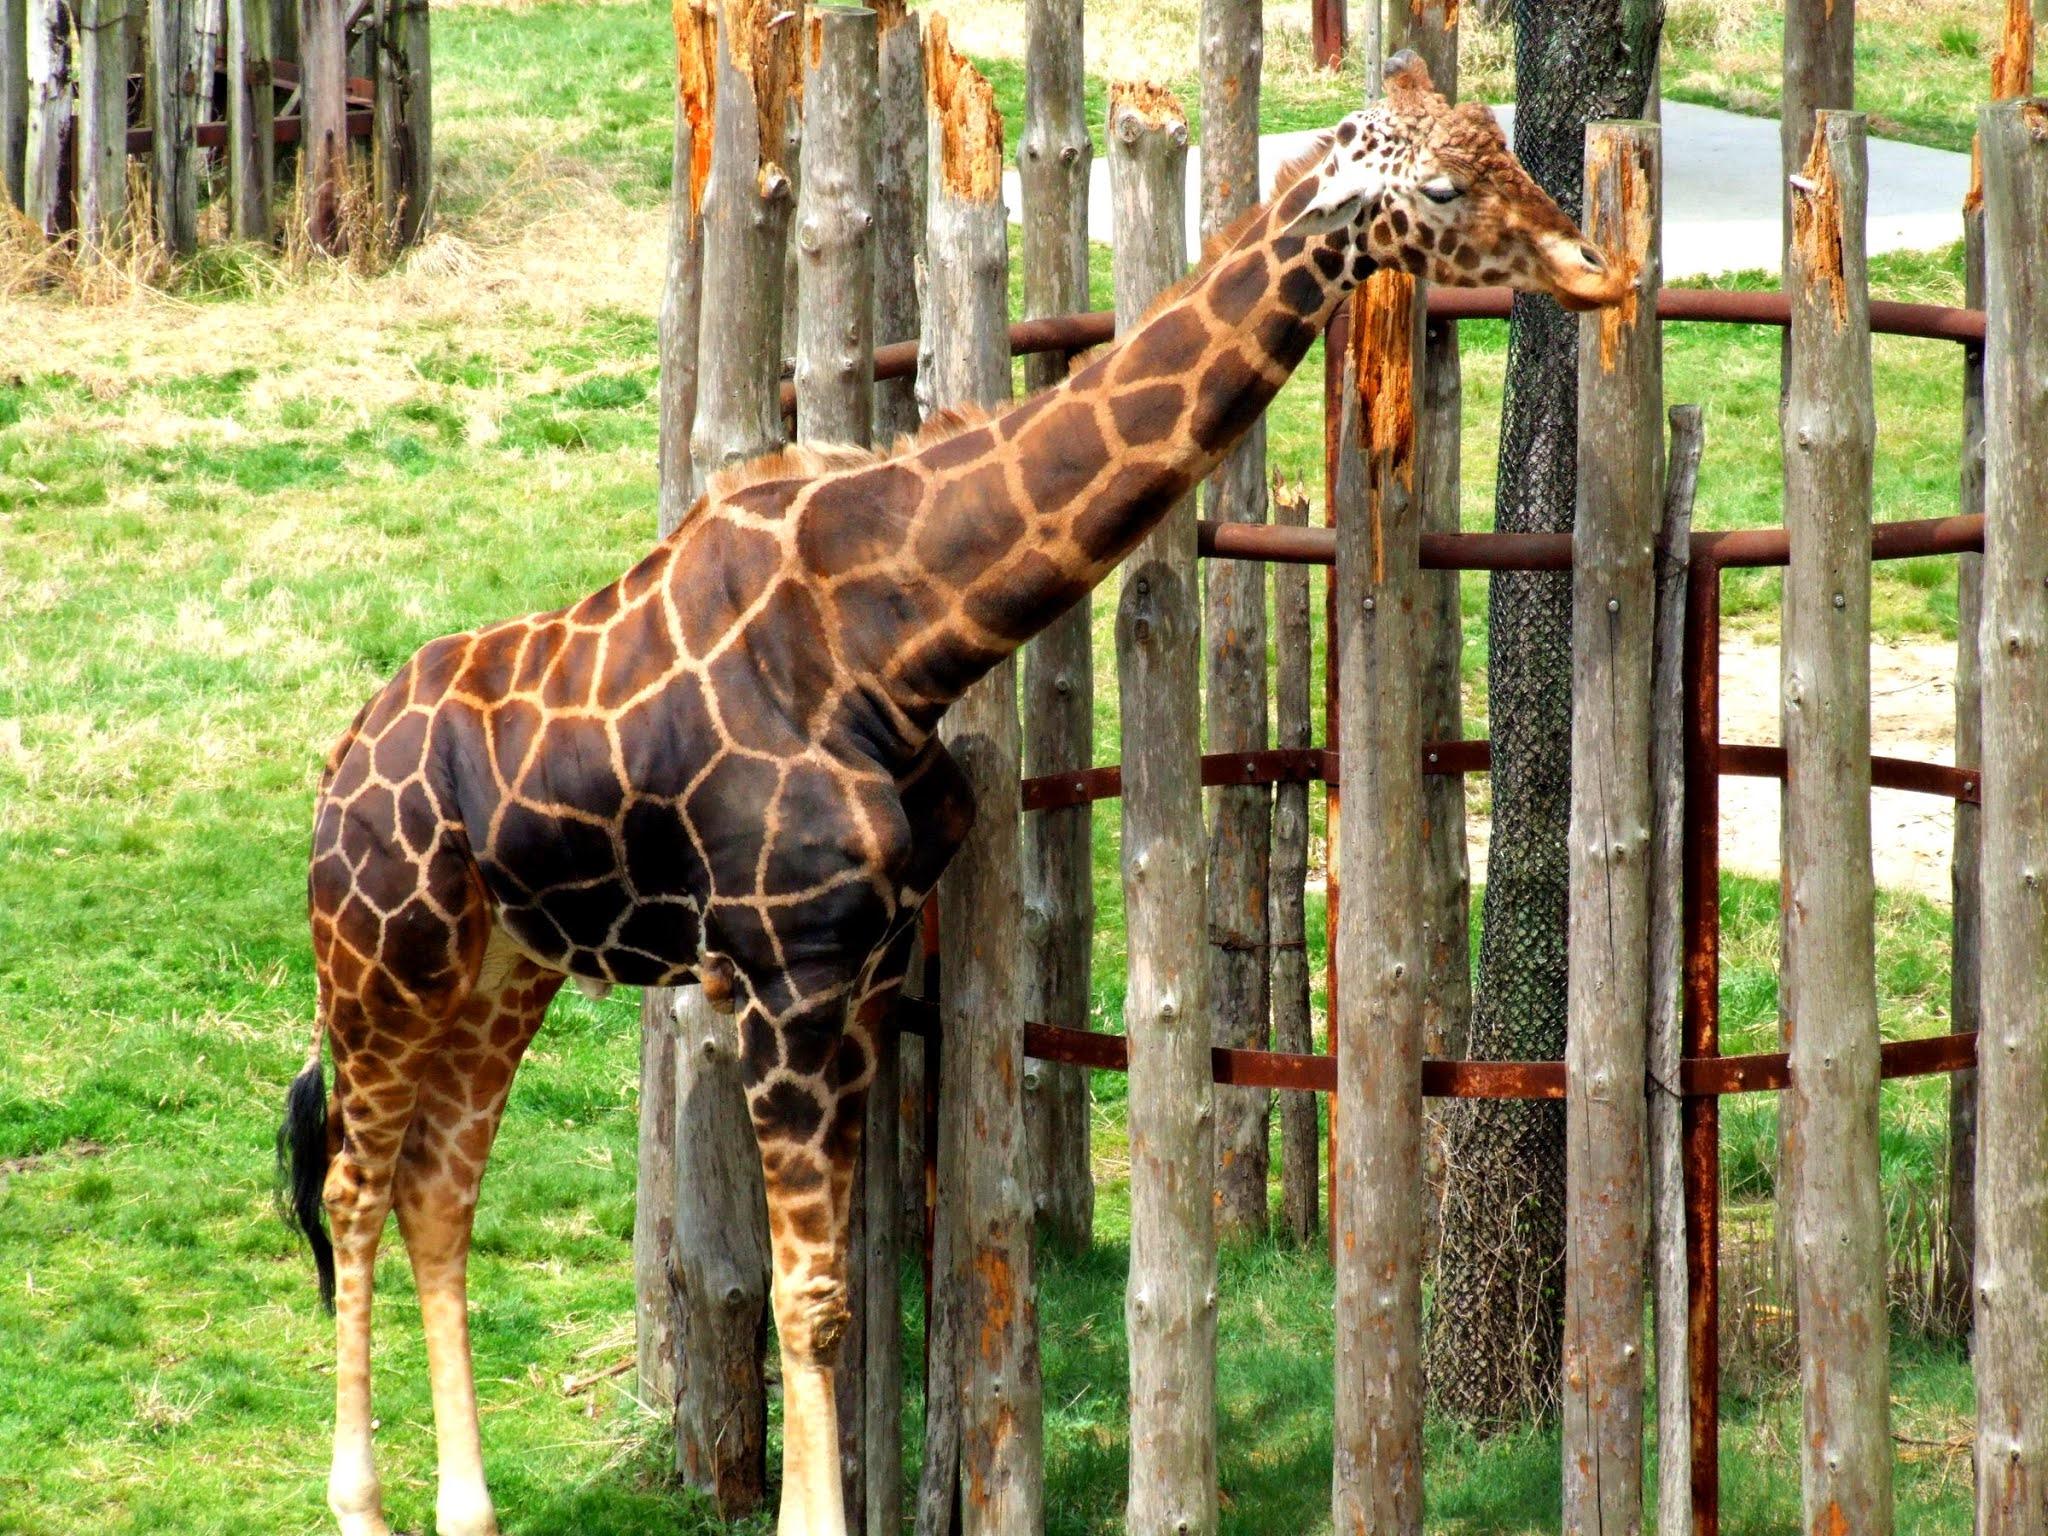 動物園のキリンさんの全身の写真素材です。きりんってあの頭の謎の角が凄く可愛いですよね。オシコーン(ossicone)って言うそうです。